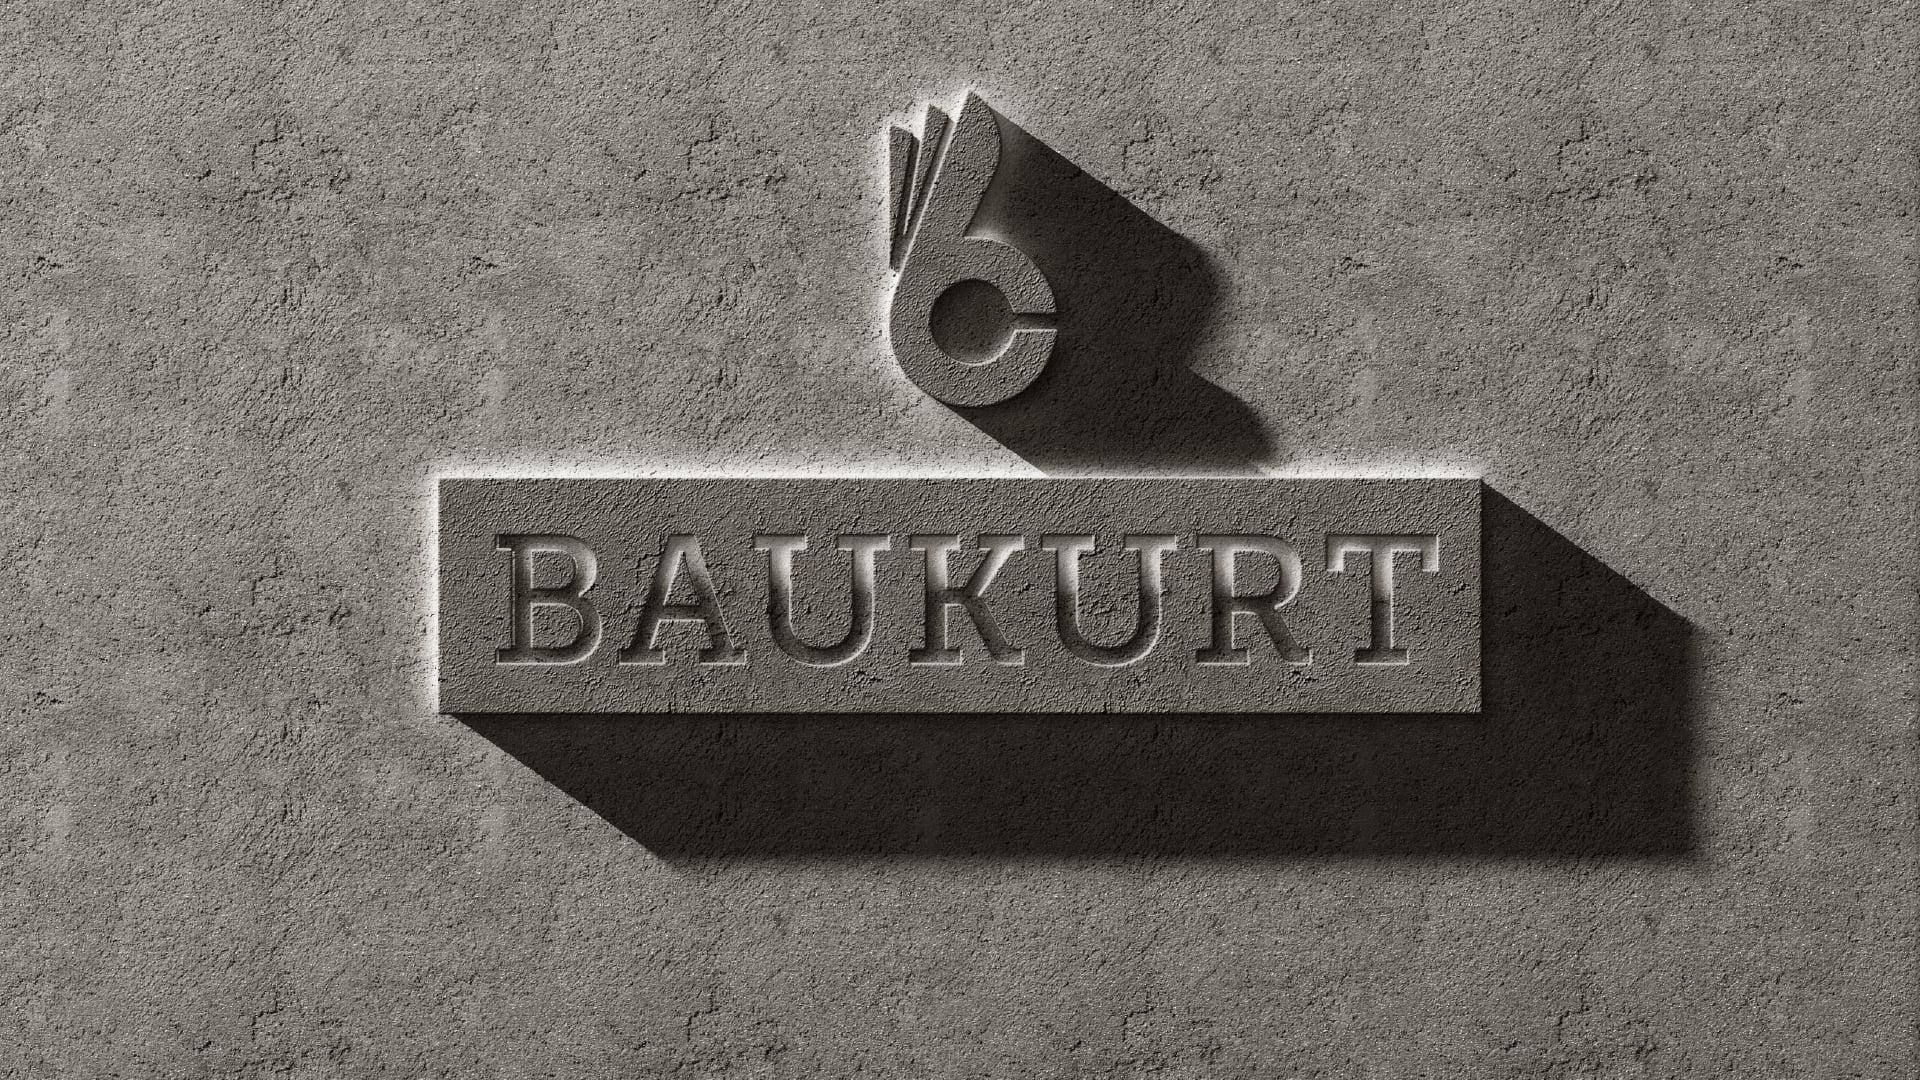 BAUKURT